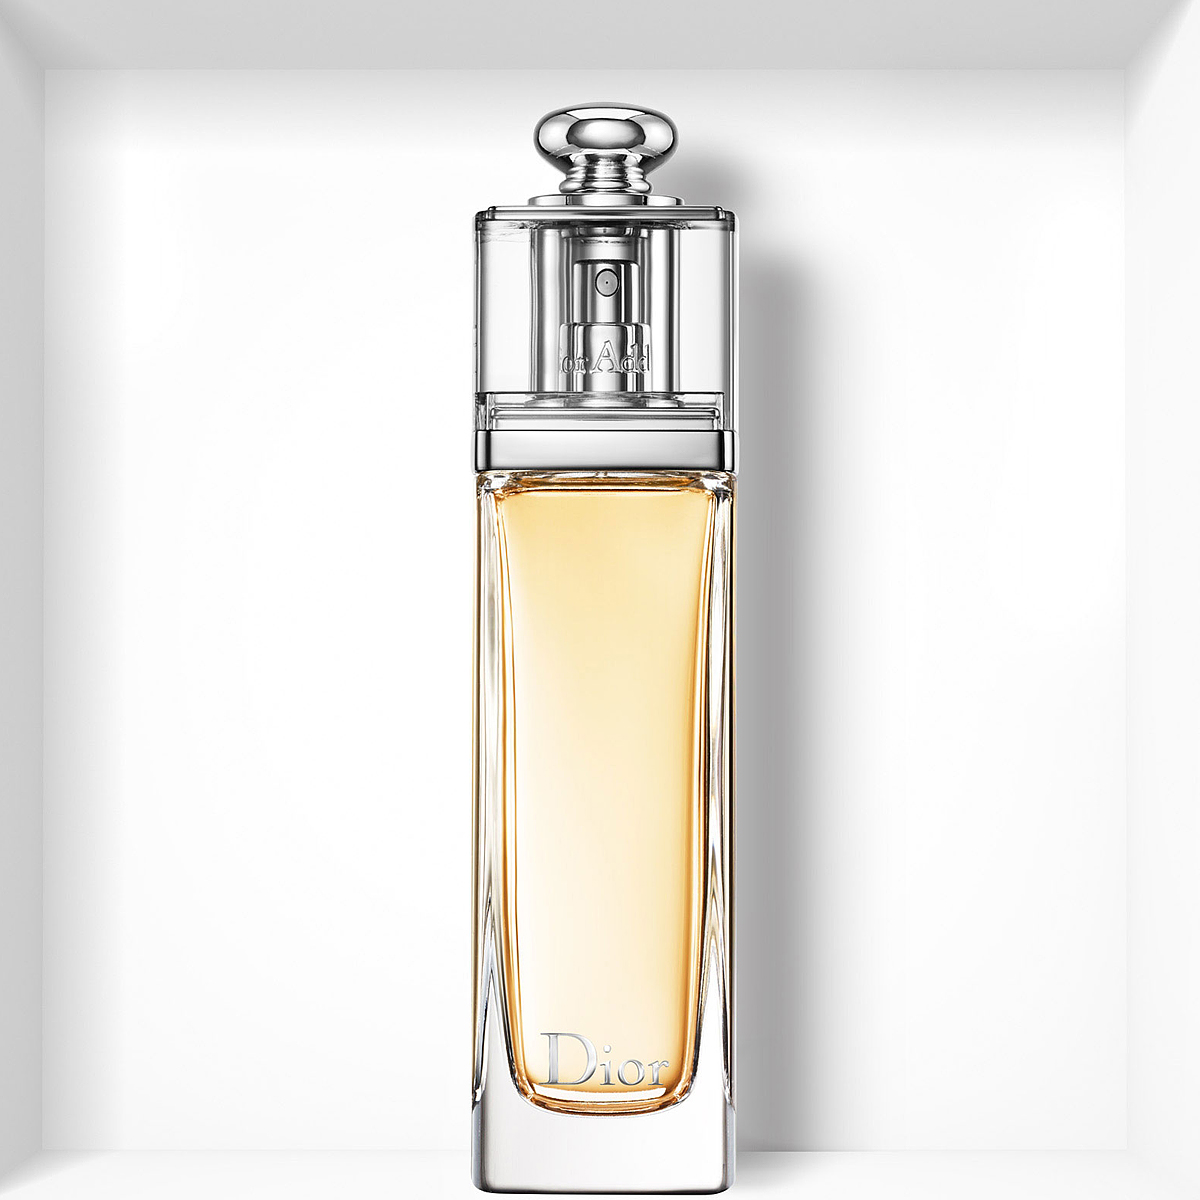 Christian Dior  Dior Addict Туалетная вода женская, 100мл28032022Мгновенно притягивающий, Dior Addict воплощает собой невероятно красивый и соблазнительный аромат, который находится в полной гармонии с сегодняшним днем.Сицилийский Мандарин в его верхних нотах придает игривый, чарующий оттенок фруктовых цитрусовых аккордов, пикантных и насыщенных. На смену ему приходит букет белых цветов Жасмина Самбак и Тунисского Нероли в сочетании с чувственной и изысканной древесной базовой нотой Эссенции Сандалового дерева с легким оттенком Ванили. Утонченный древесно-цветочный аромат: абсолютно женственный, он искрится свежестью и чувственной элегантностью.Начальные ноты: мандарин. Ноты сердца: жасмин, нероли. Базовые ноты: ваниль, сандаловое дерево. Характер аромата: женственный; волнующий; изящный; манящий; свежий; чувственный.